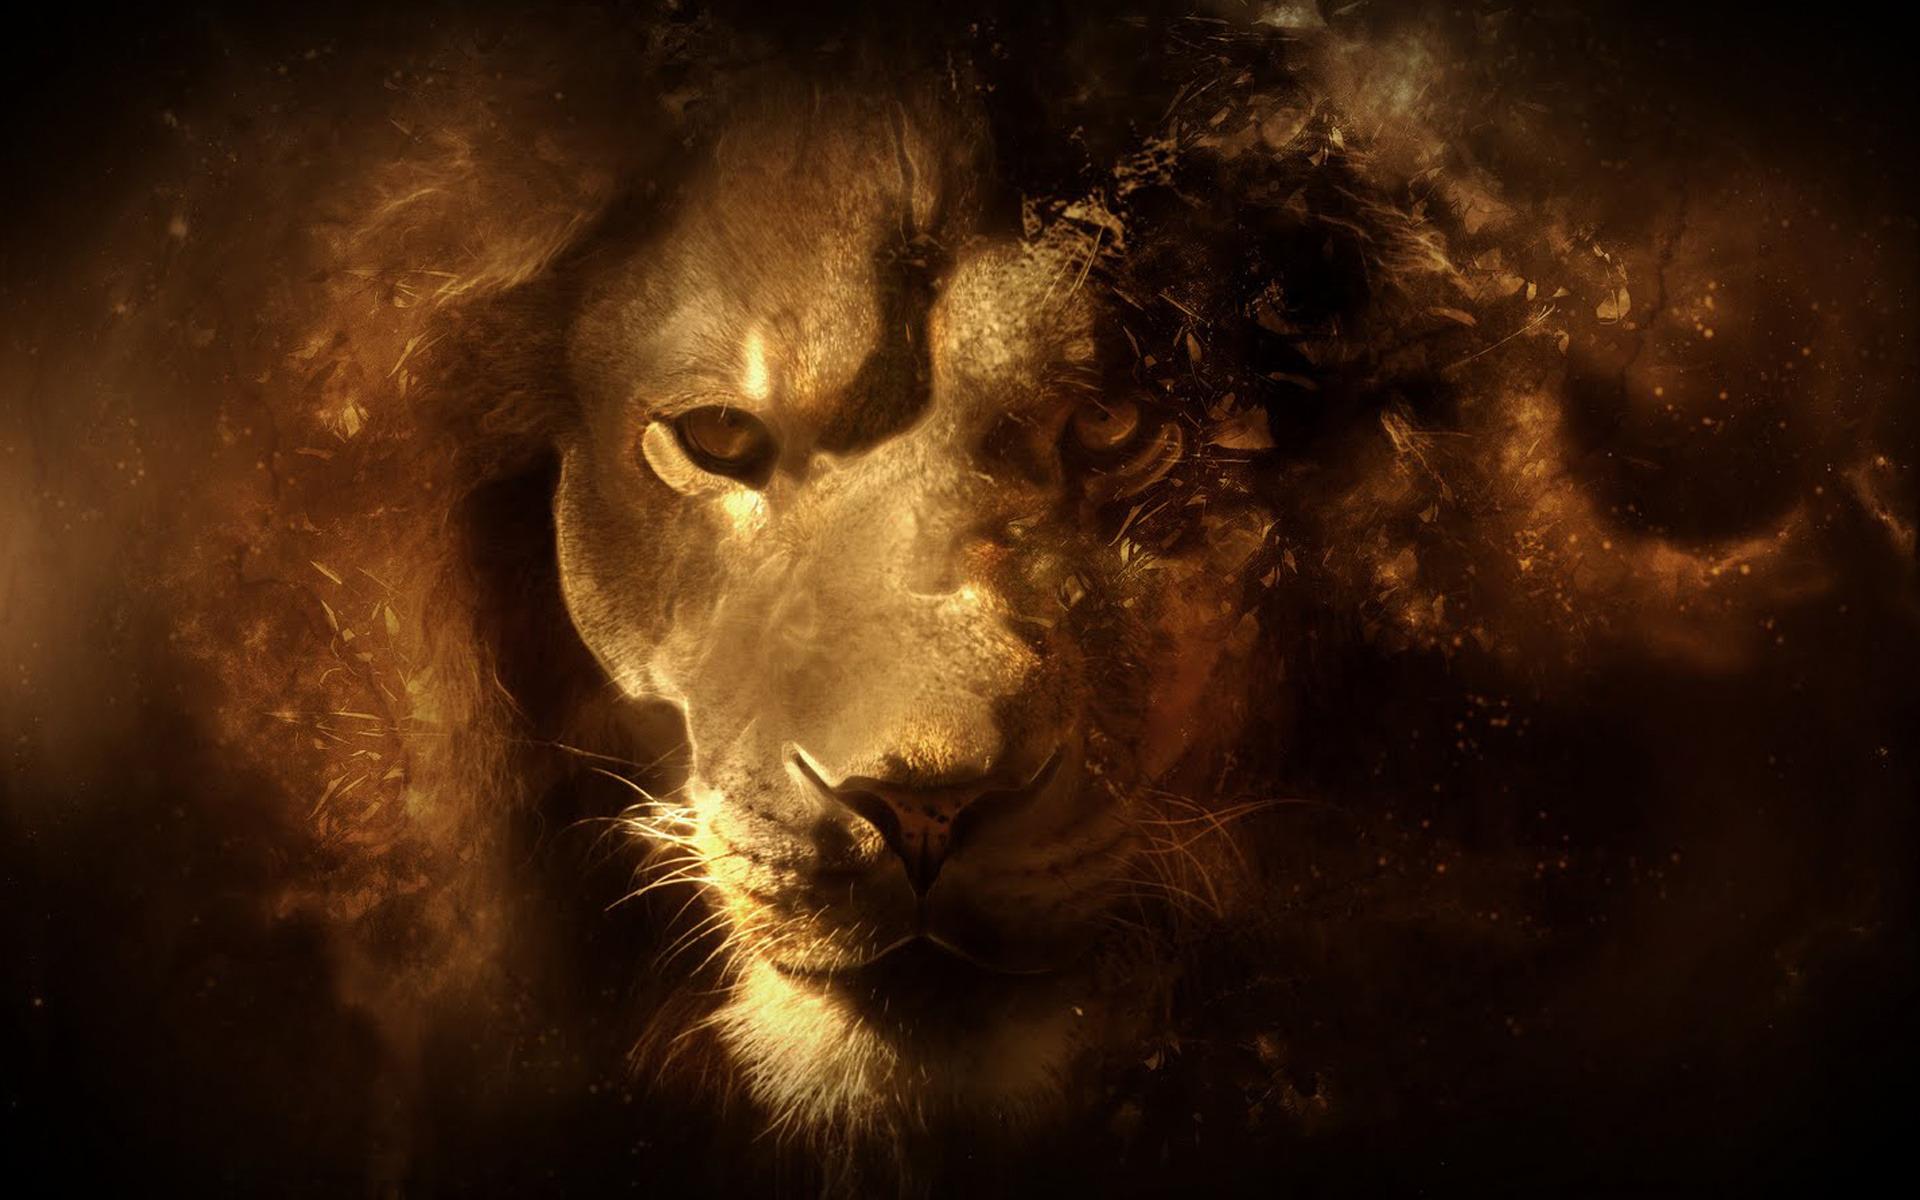 Лев на черном фоне бесплатно